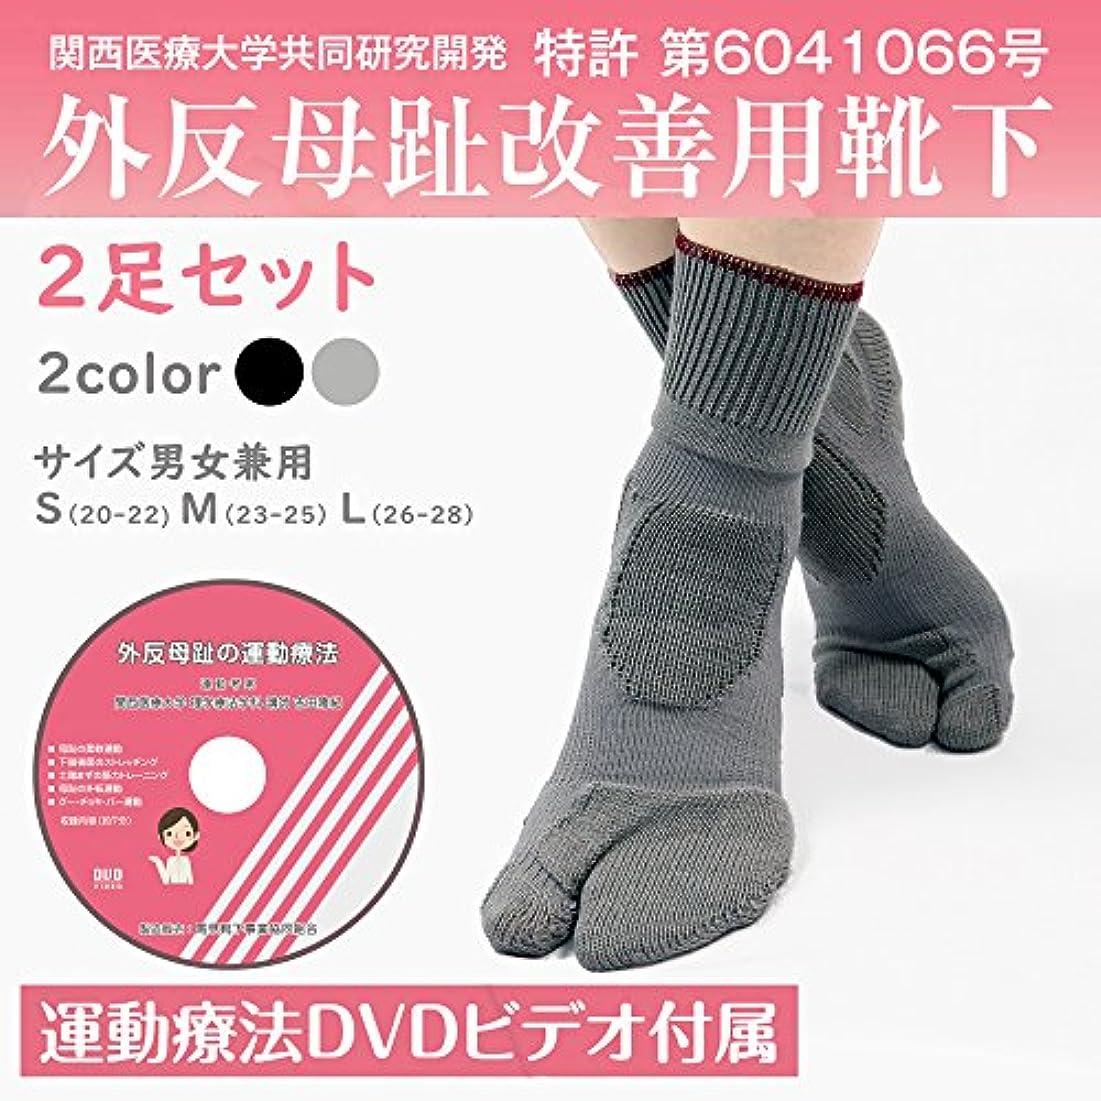 枕護衛ドループ外反母趾改善用靴下2足セット、運動療法DVDビデオ付(カサネラボ)kasane lab. (グレー, M:23-25cm)